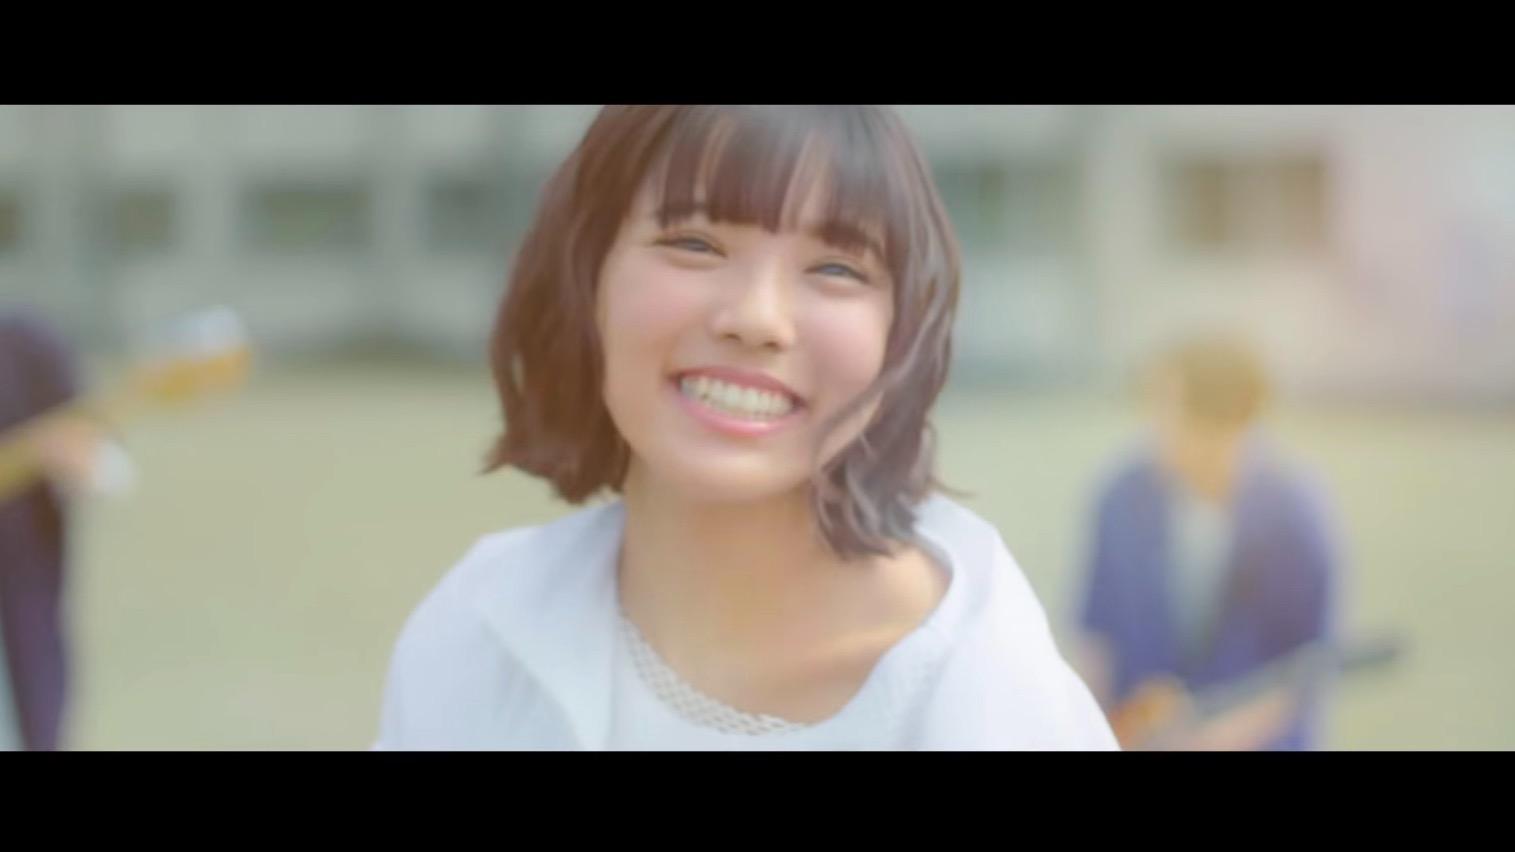 スピスピ4_edited